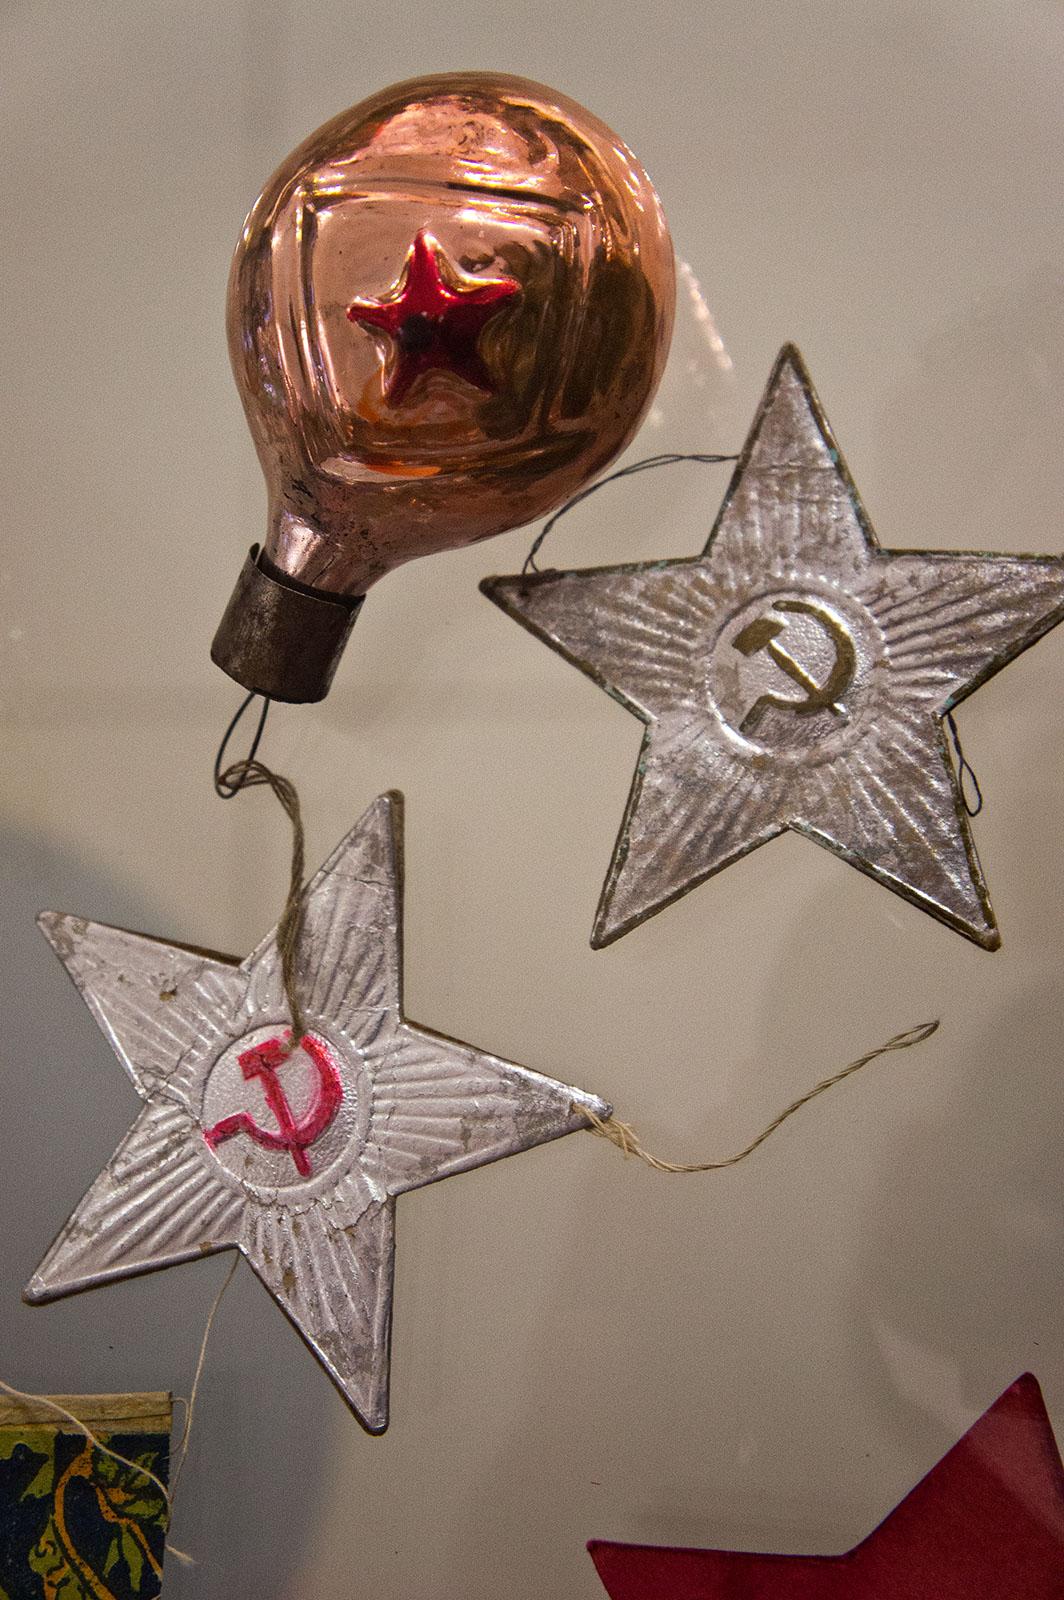 Фото №88990. Символика Страны Советов на новогодних игрушках 1930-х - 1950-х гг.